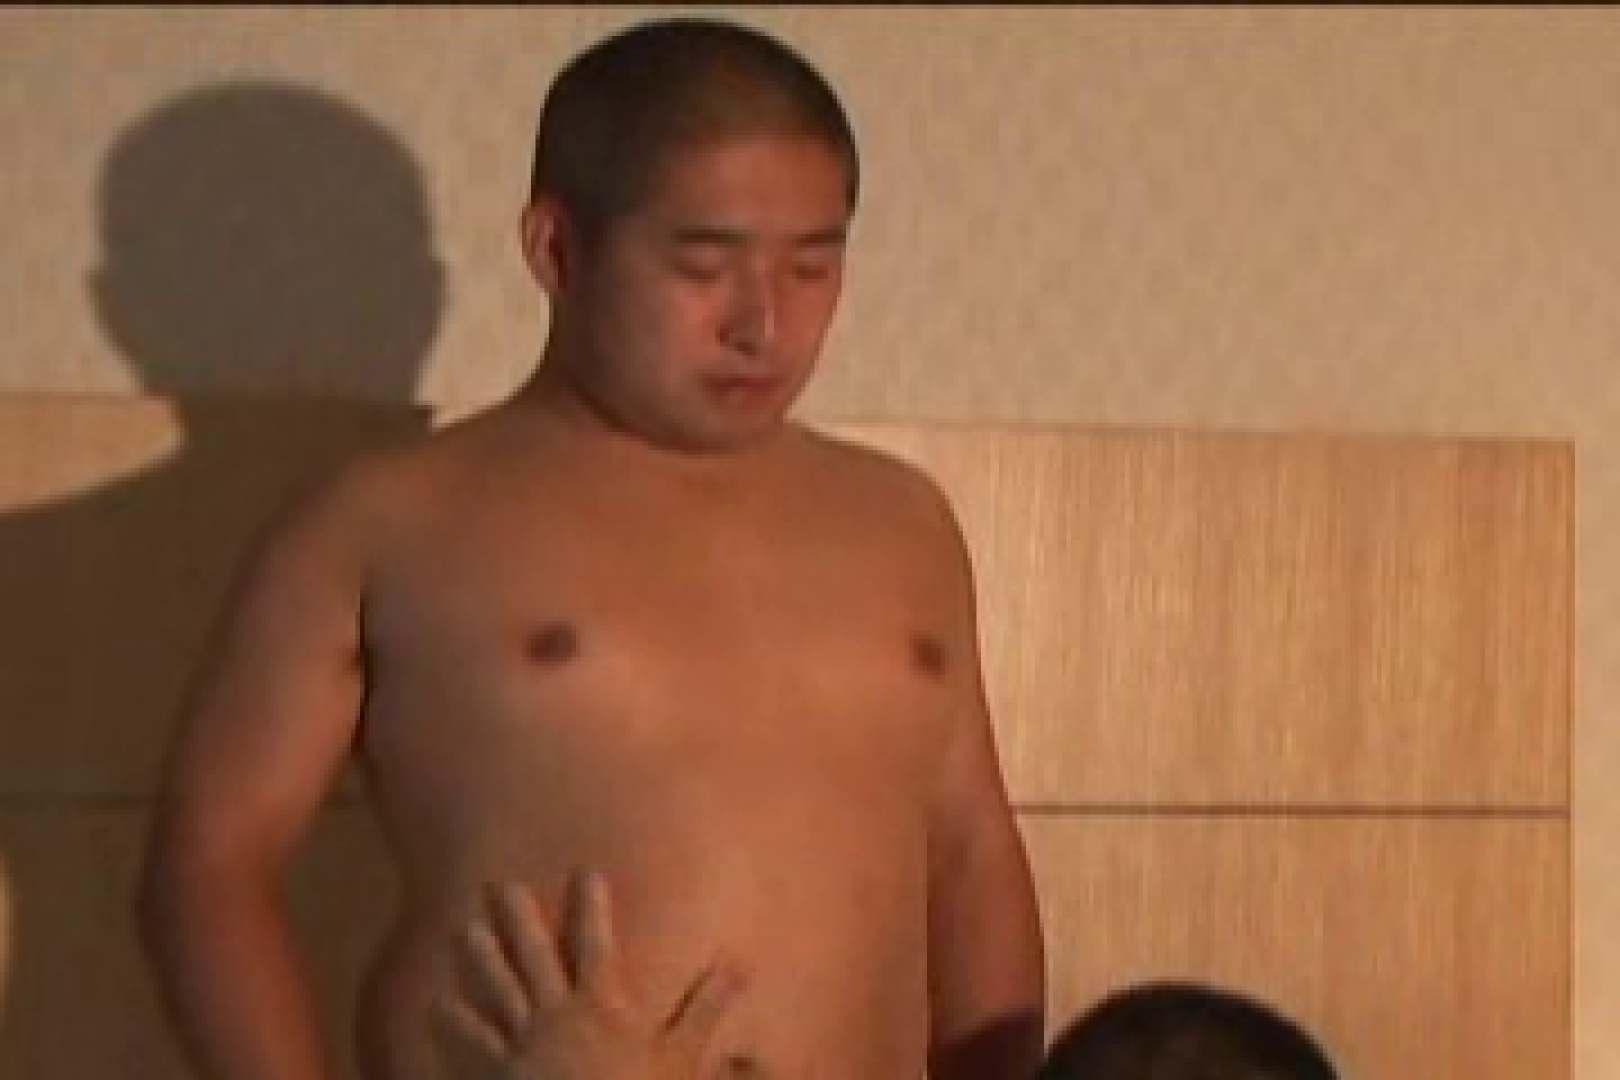 悶絶!!ケツマンFighters!! Part.02 入浴・シャワー丸見え | シックス・ナイン ゲイAV画像 91pic 40